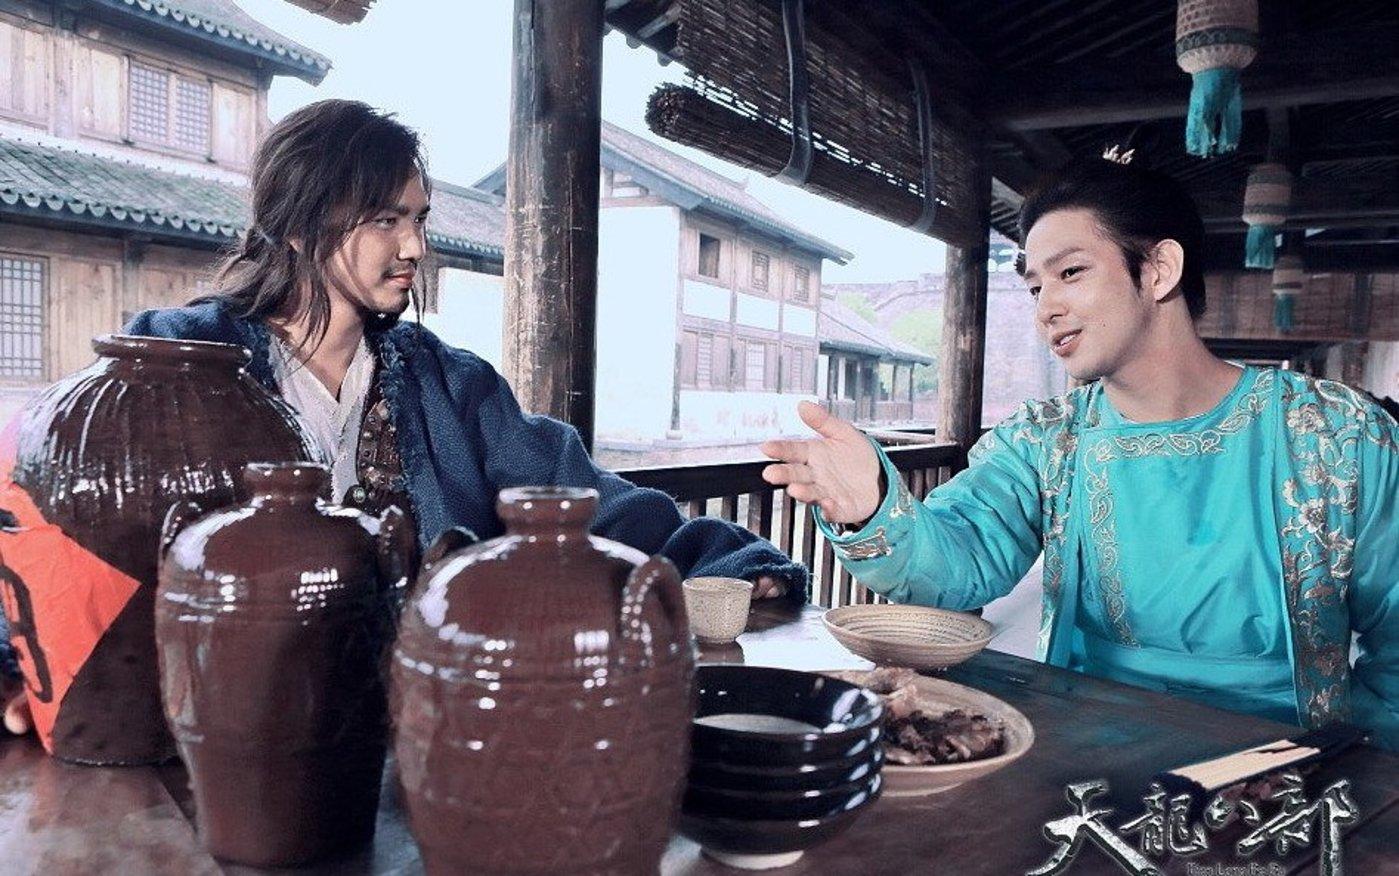 于正版《天龙八部》剧照:乔峰和段誉,图/视觉中国